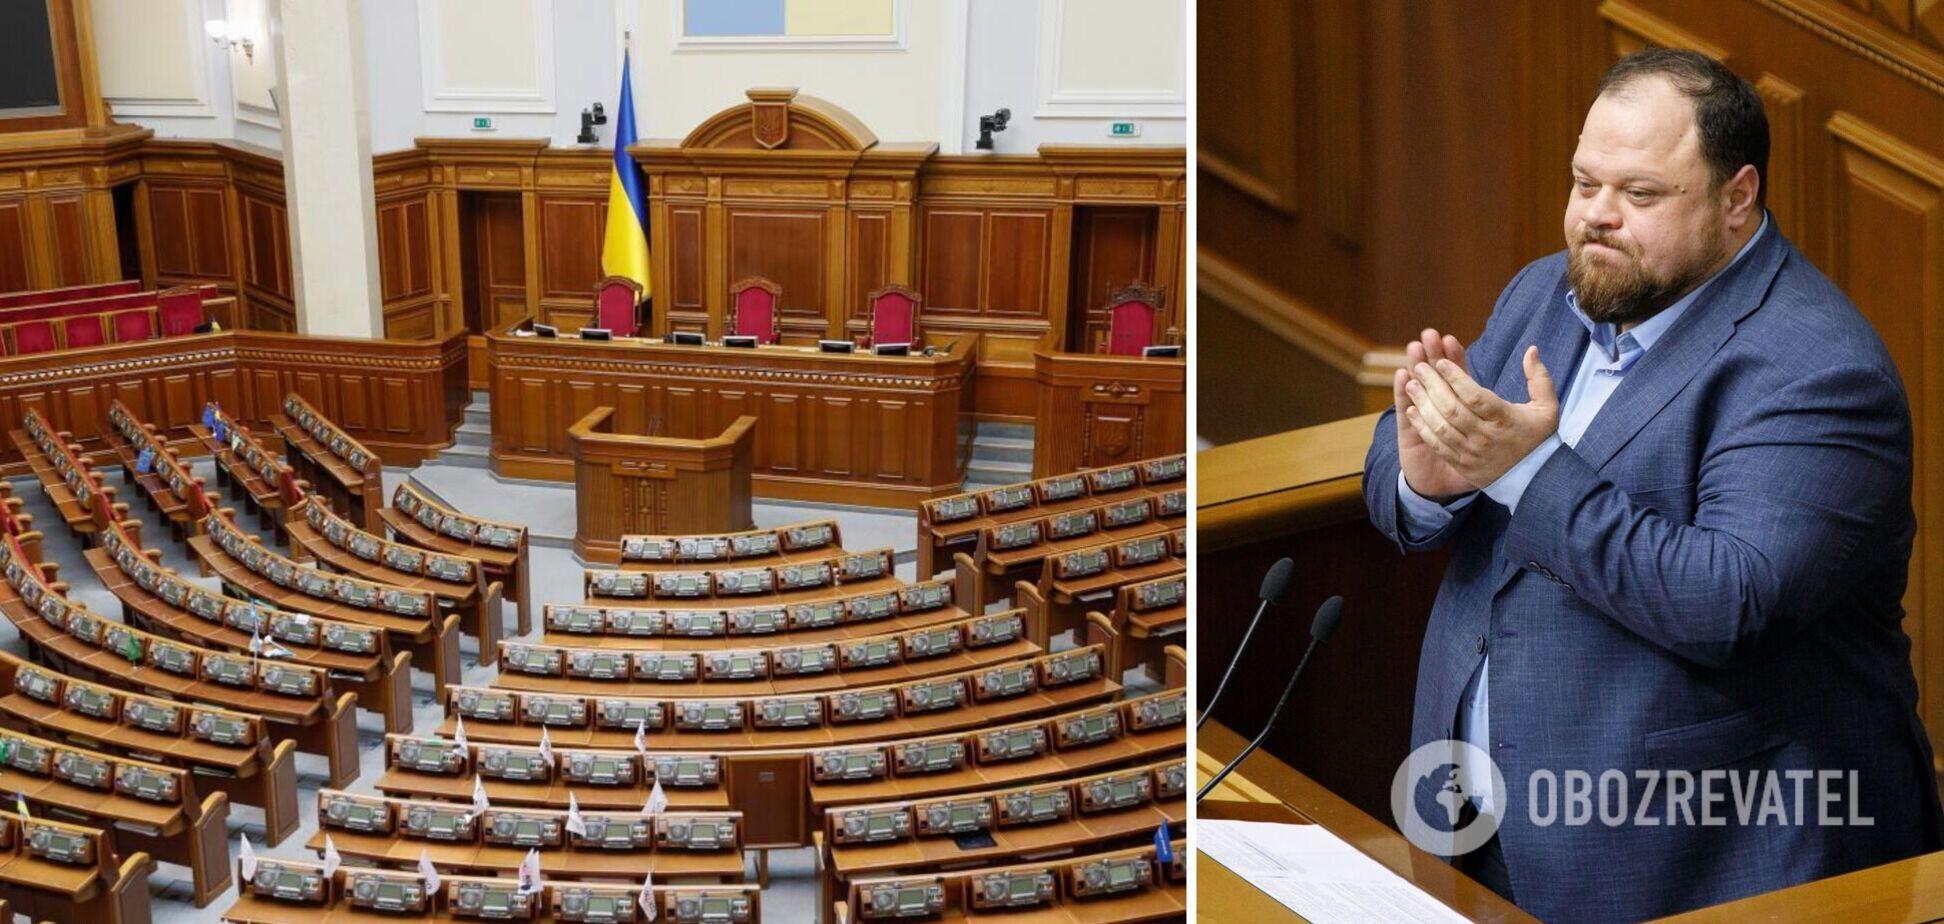 Стефанчук скликає позачергове засідання ВРУ за ініціативою президента: названо дату і порядок денний